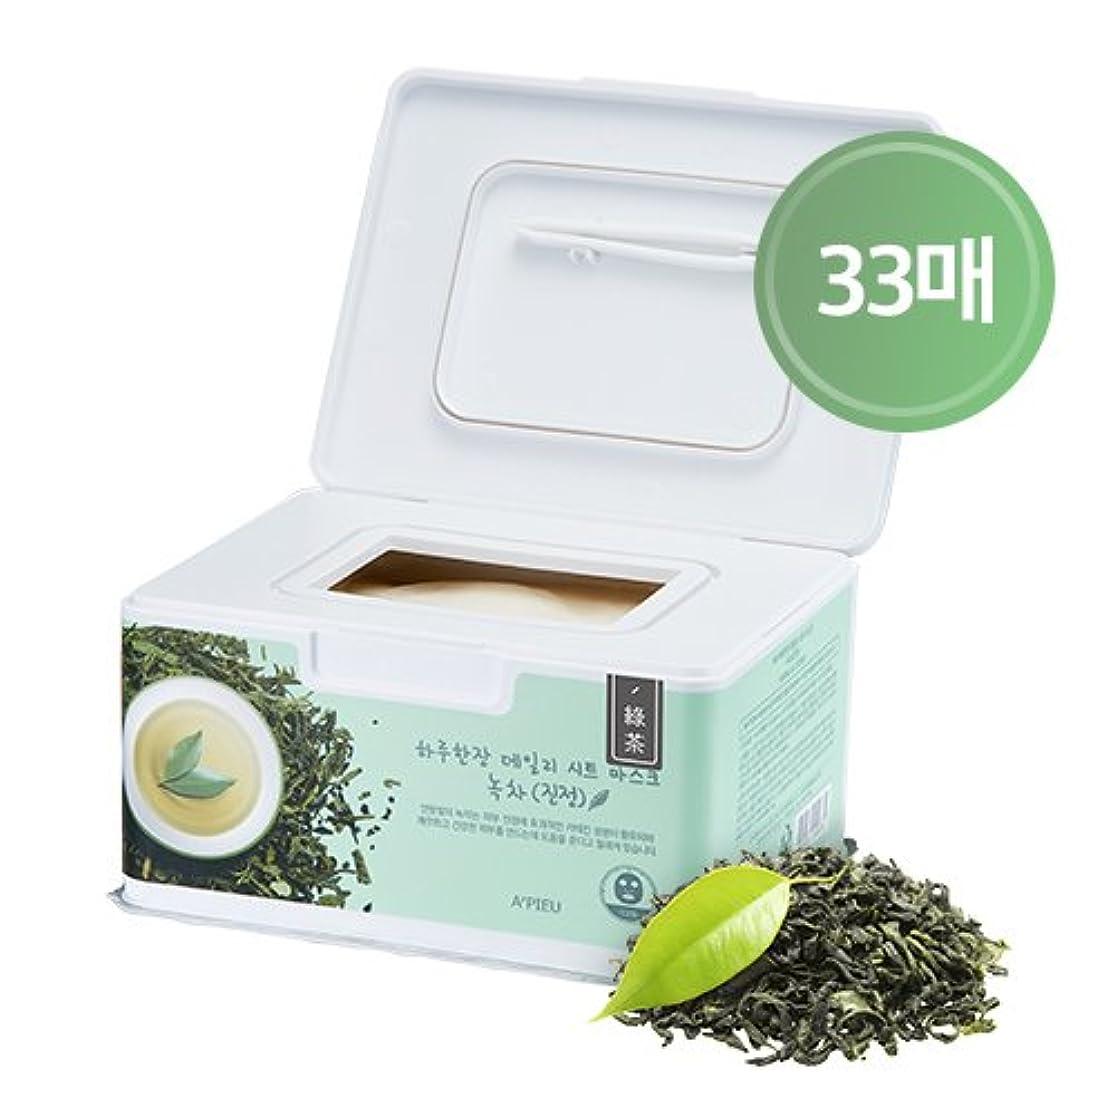 指活発中にAPIEU DAILY Sheet Mask _ Green Tea (Soothing) / [オピュ/アピュ] デイリーシートマスク_緑茶 (スージング) [並行輸入品]